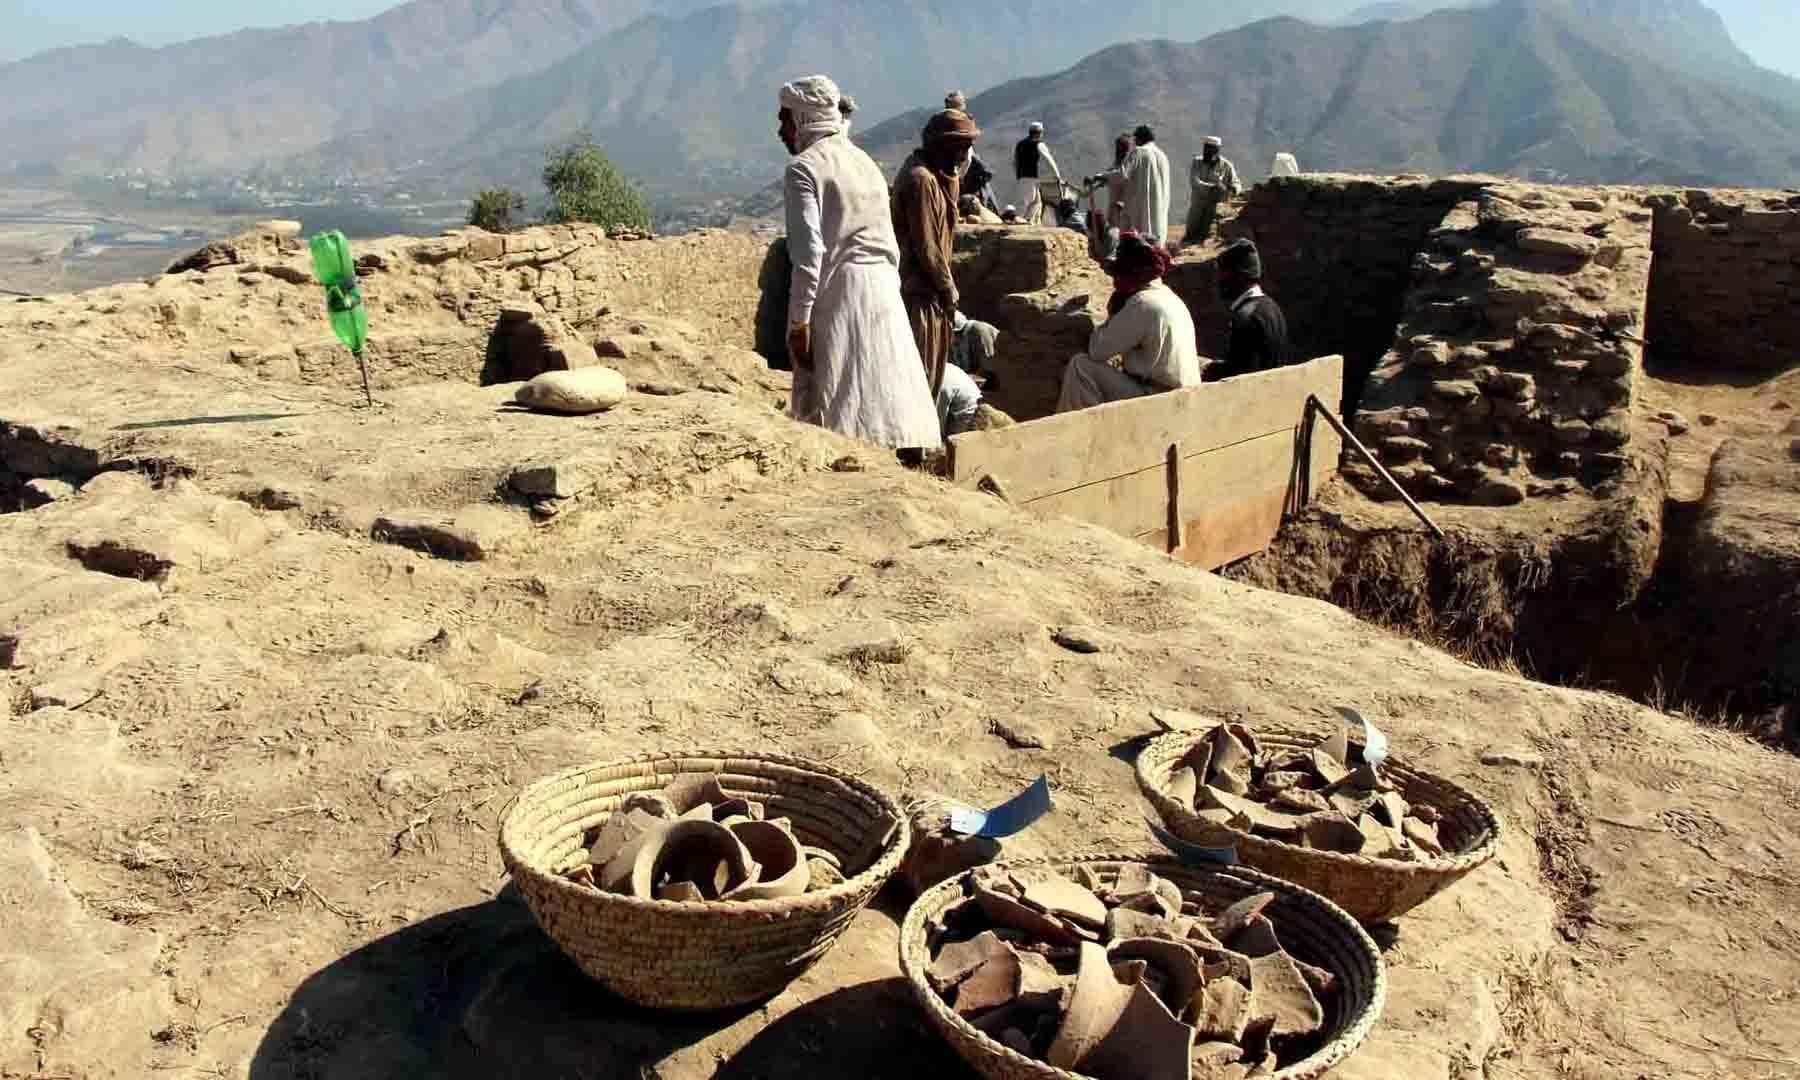 مندر سے ملنے والے مختلف آثار کو ٹوکریوں میں جمع کیا گیا ہے